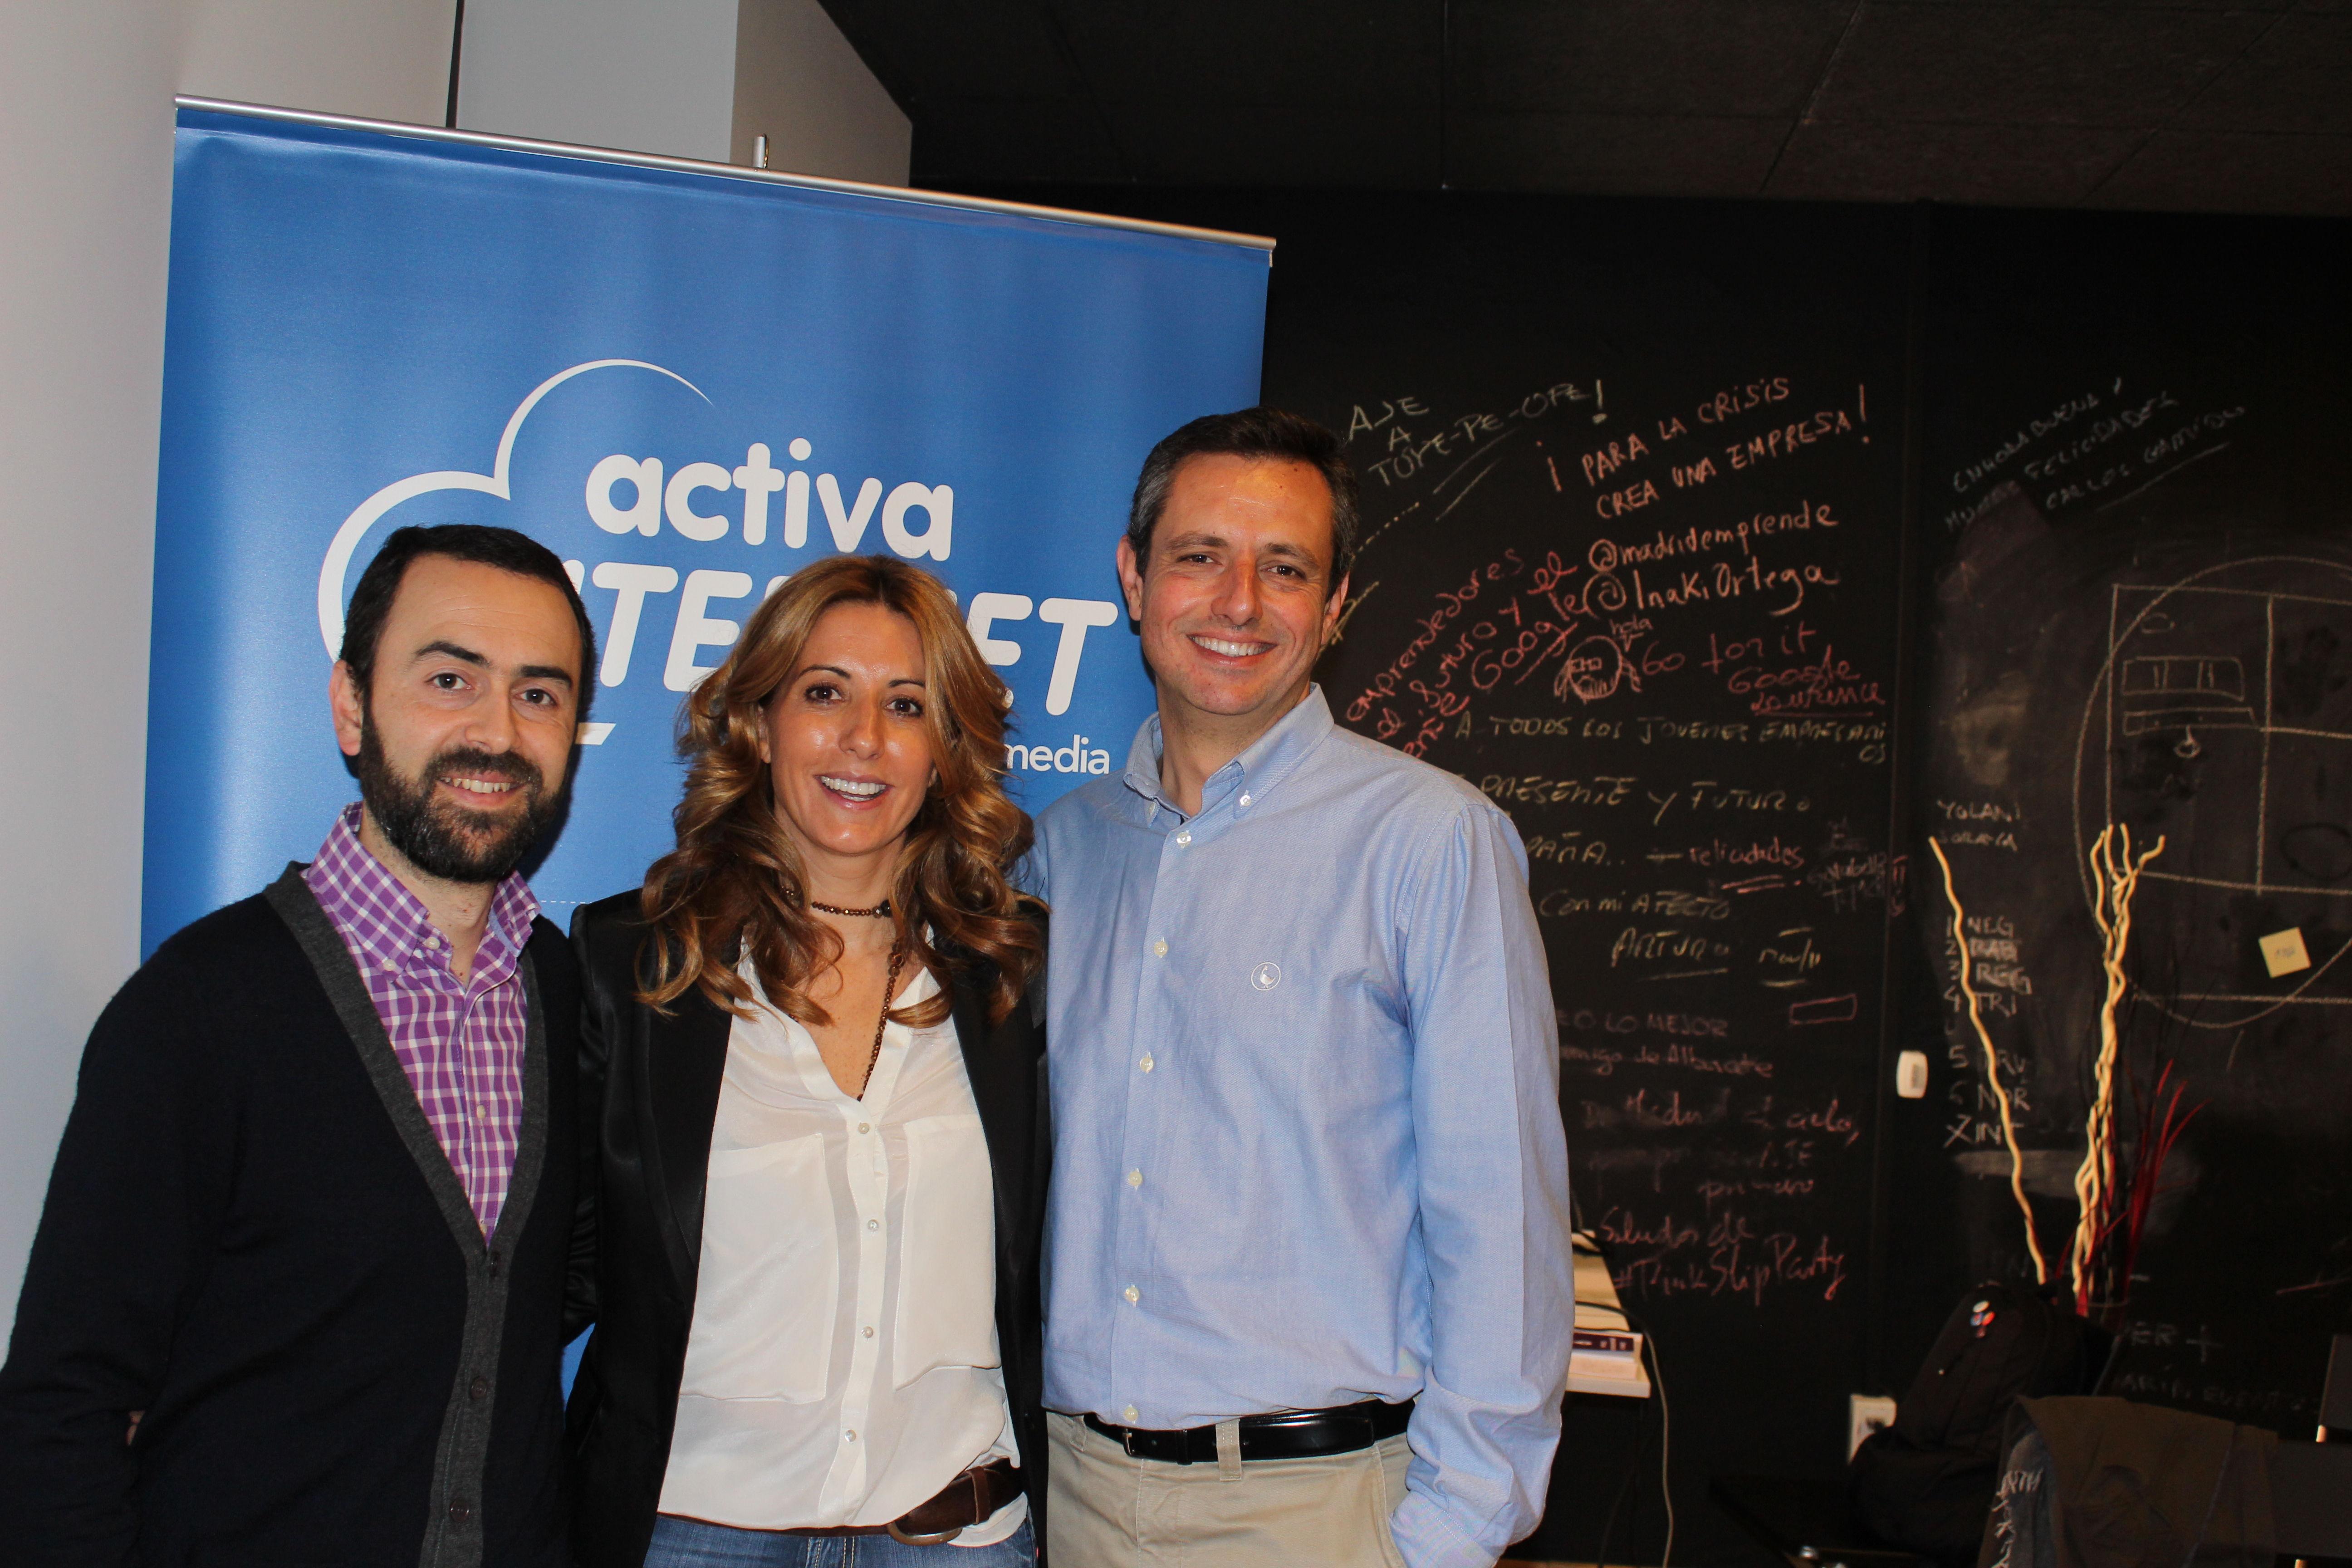 Resumen de la segunda jornada de Activa Internet en garAJE Madrid.